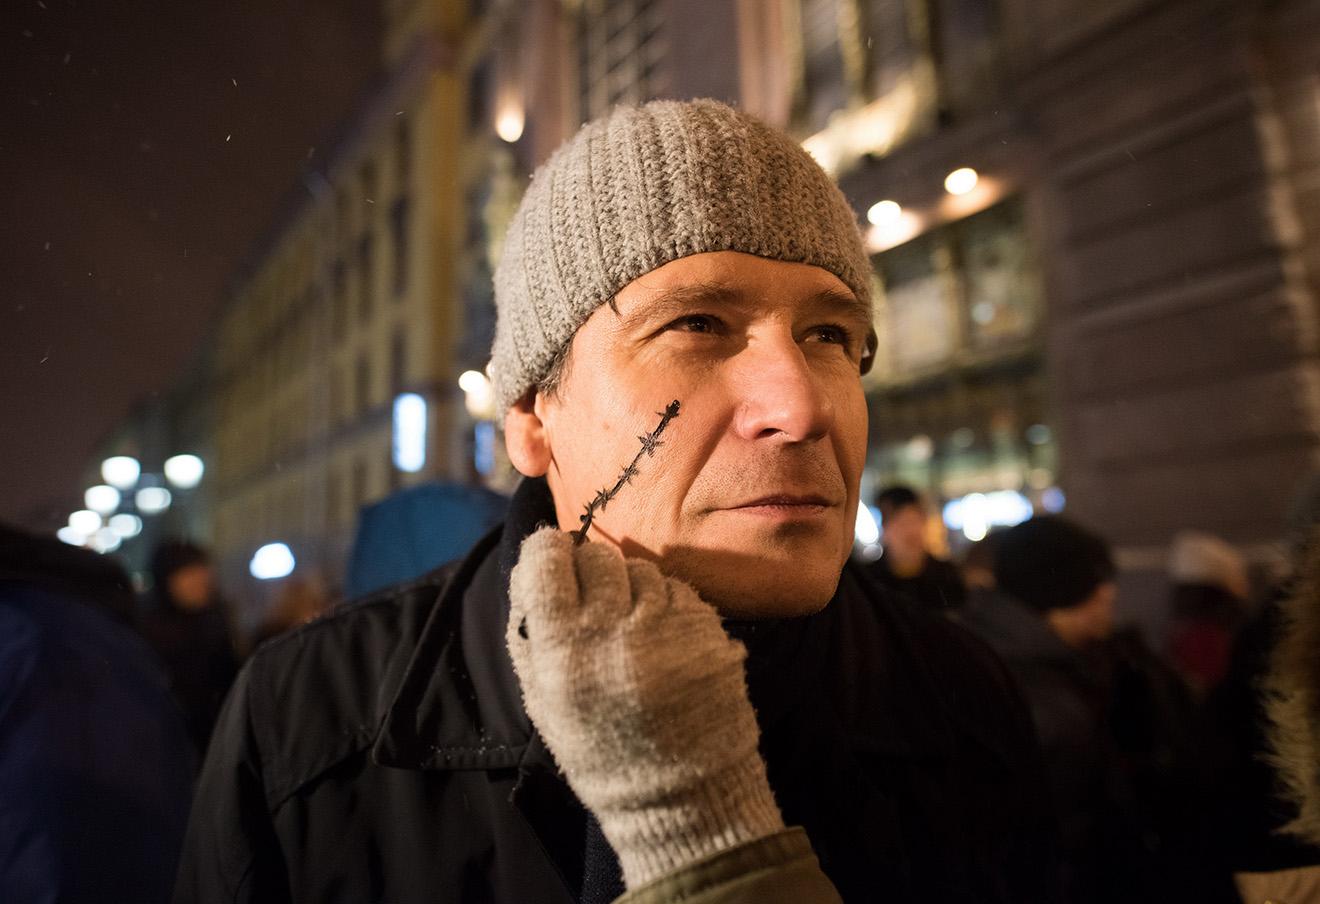 Участник пикета в защиту активиста Ильдара Дадина в Санкт-Петербурге. Фото: Игорь Акимов / Интерпресс / ТАСС